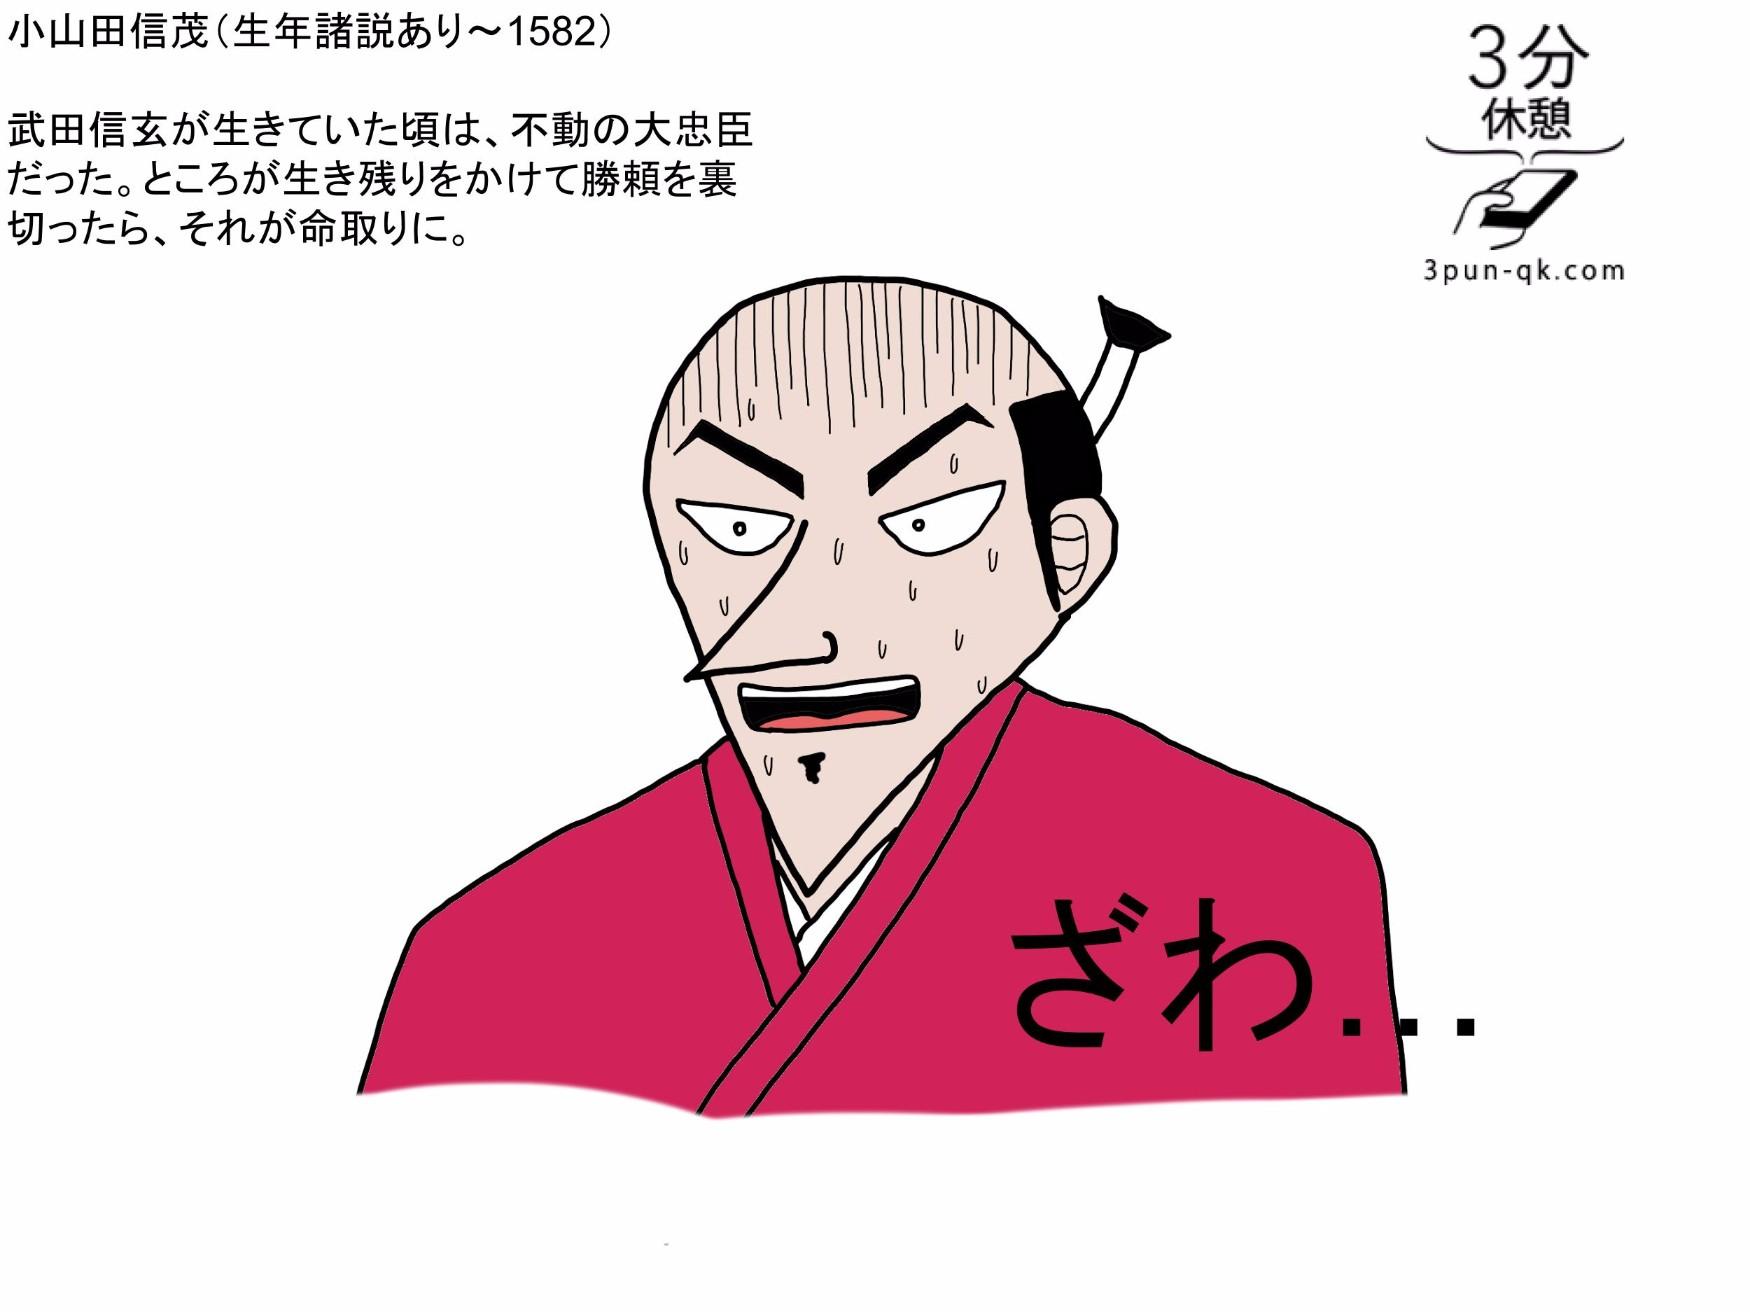 3pun-1116-oyamada1